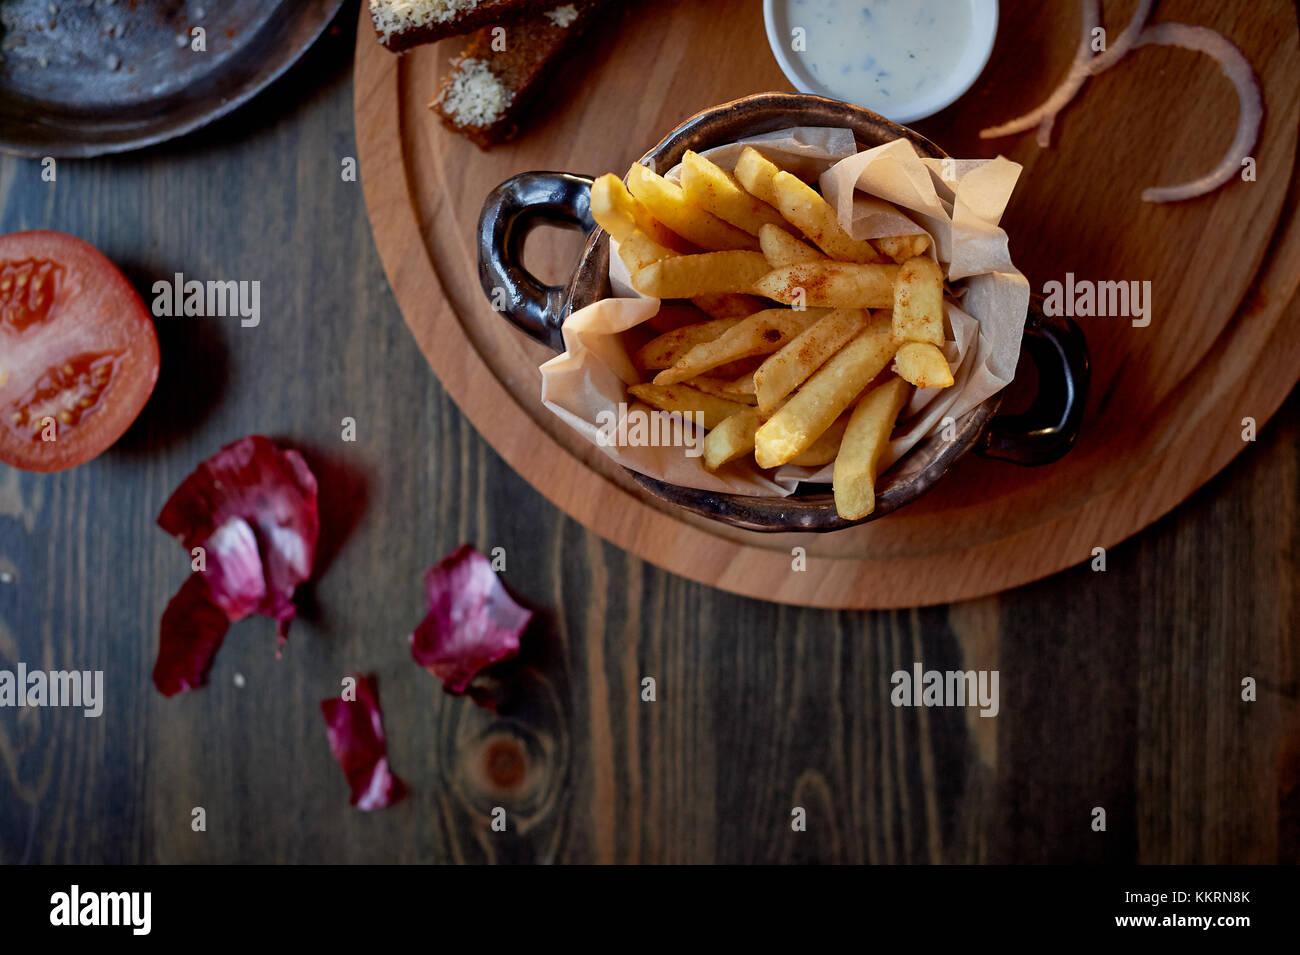 Holz oben auf ihre Pommes und Burger. Das Konzept der Pub und Fast Food Stockbild